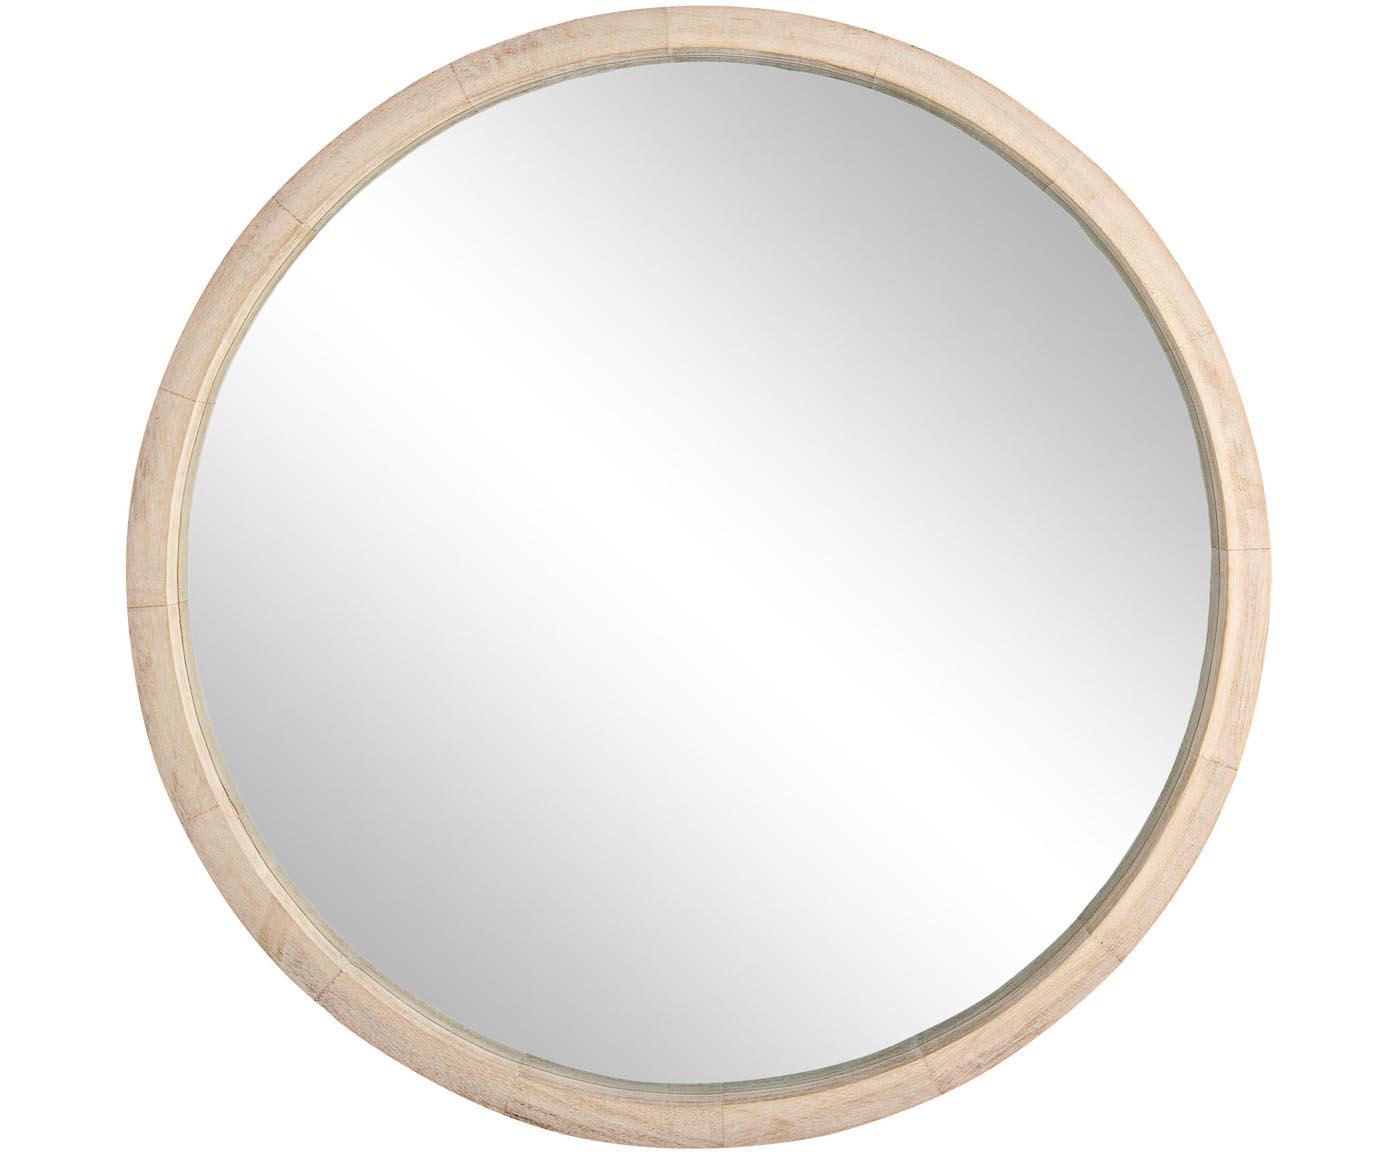 Specchio rotondo da parete con cornice in legno Tiziano, Cornice: legno di Paulownia, Superficie dello specchio: lastra di vetro, Legno di Paulownia, Ø 52 x Alt. 52 cm